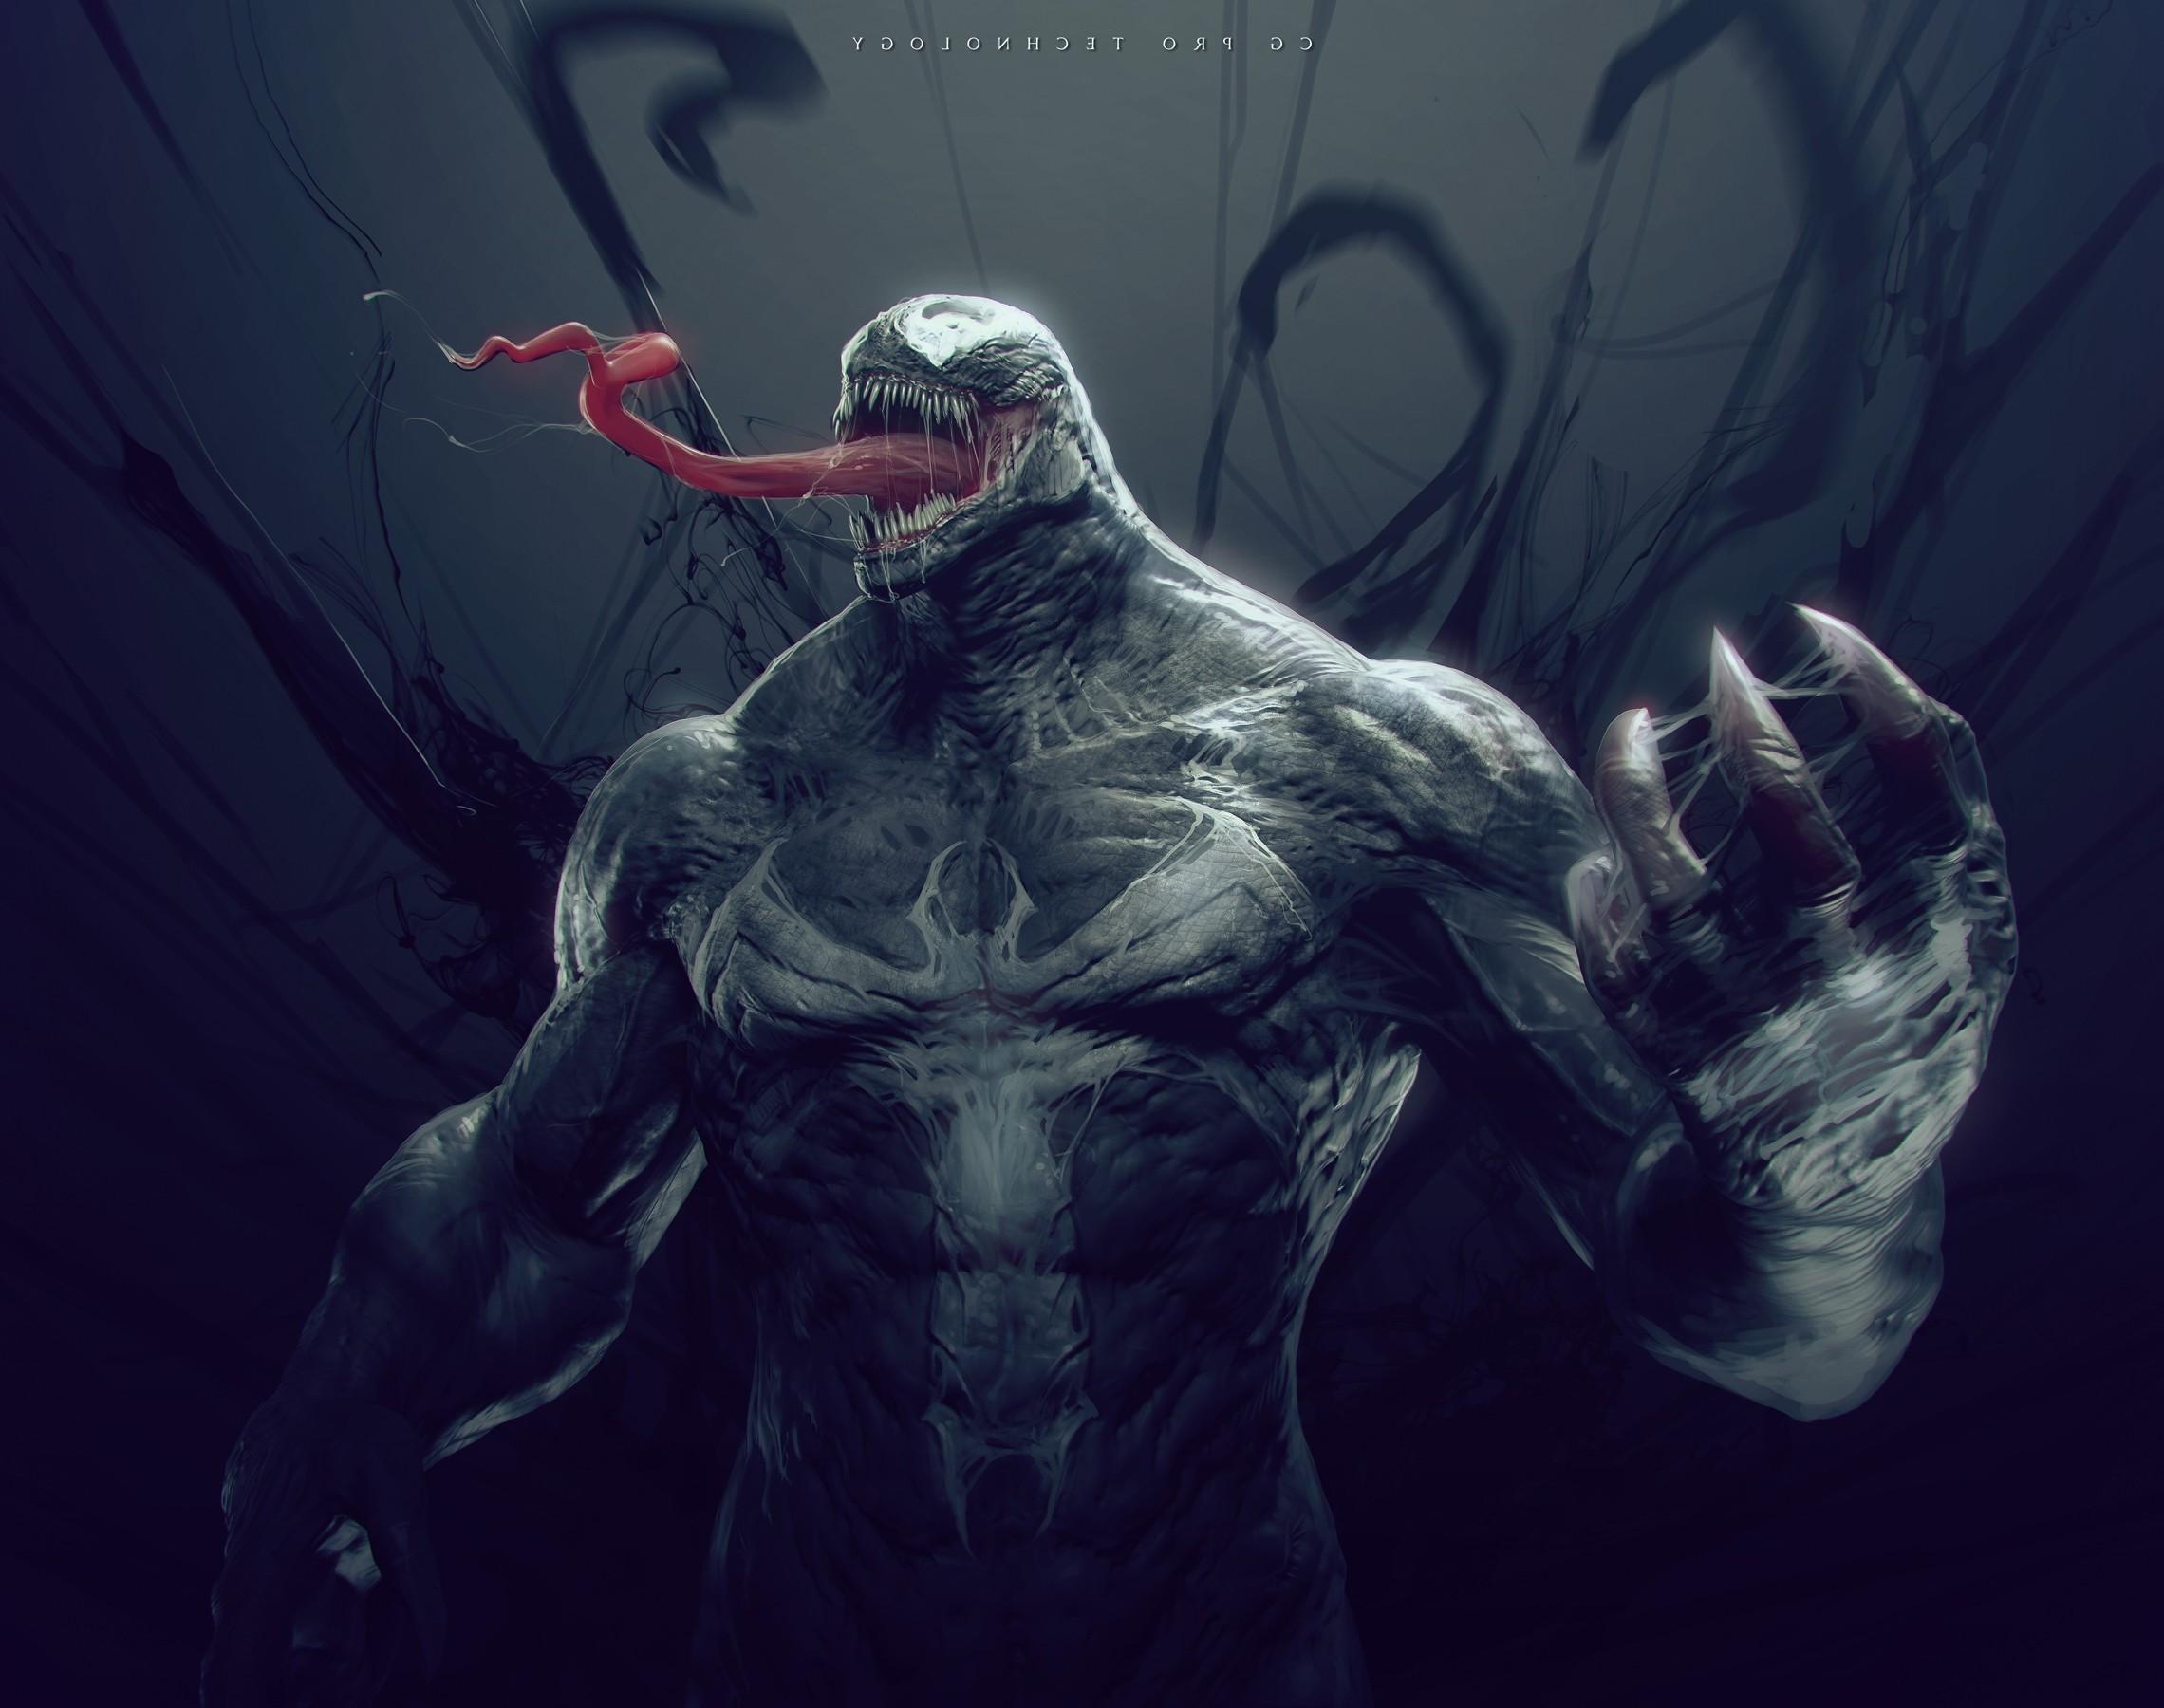 Download hd wallpapers of 204462-fantasy Art, Digital Art, Venom, Spider-